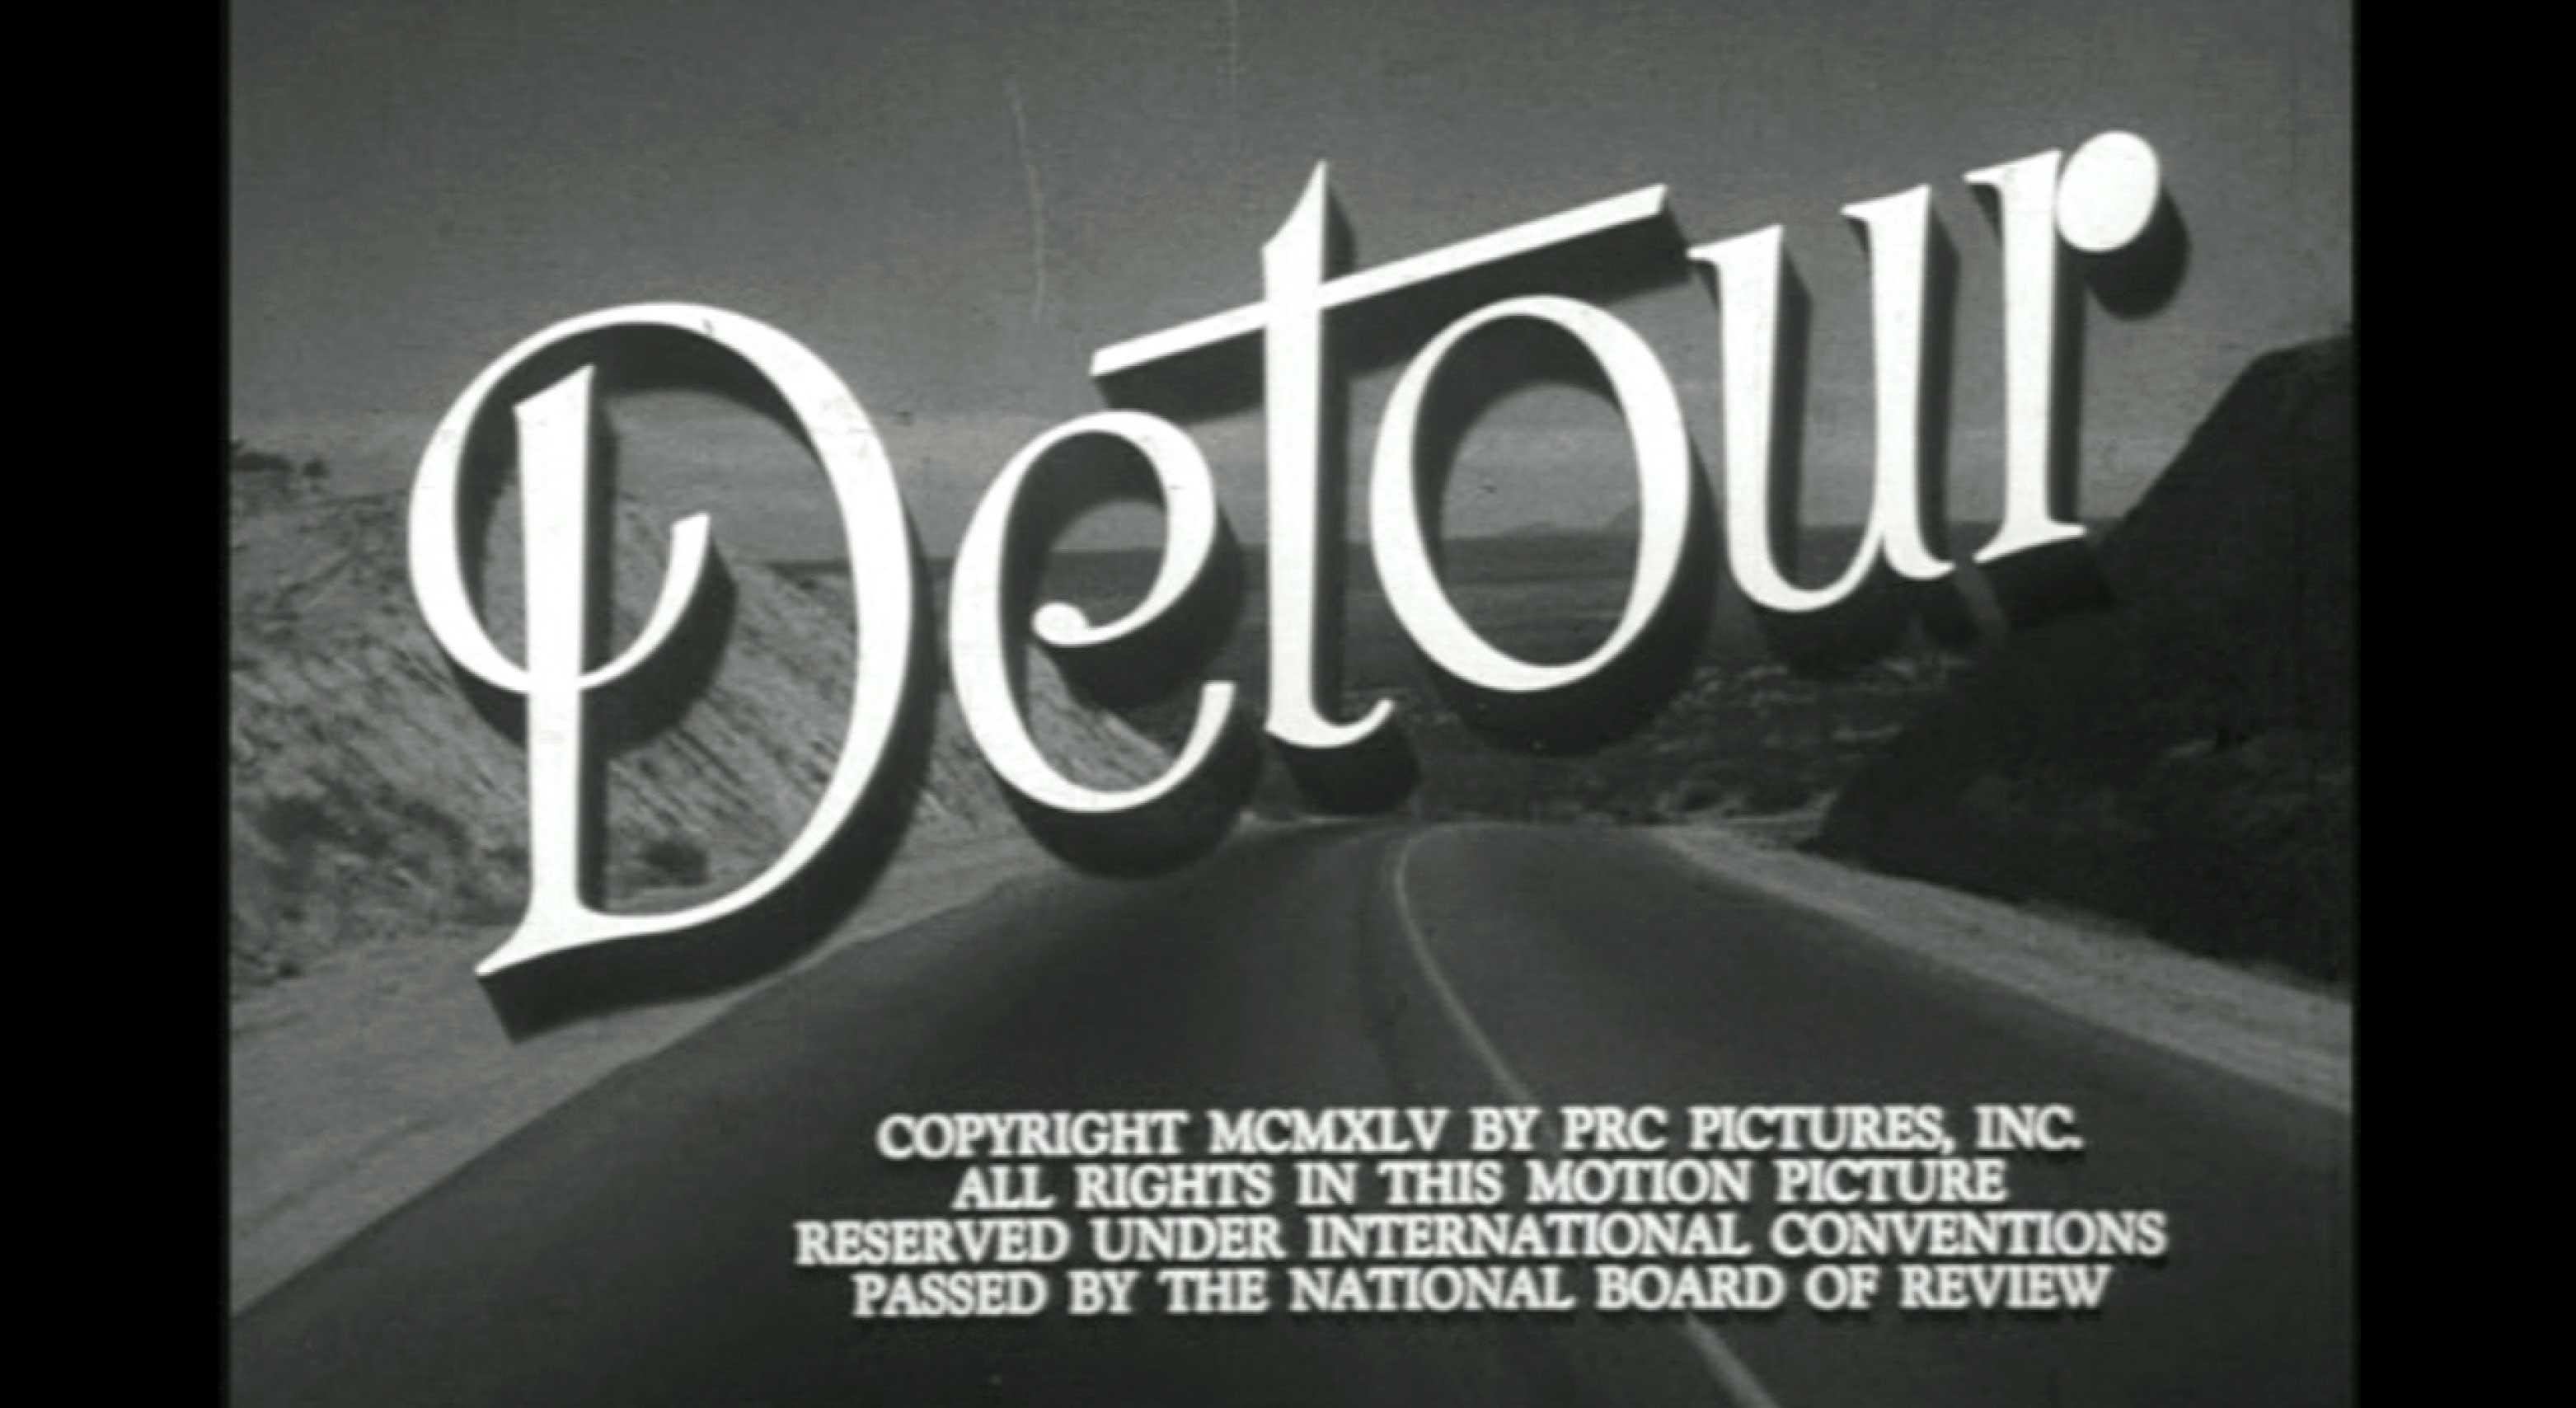 detour_slide1